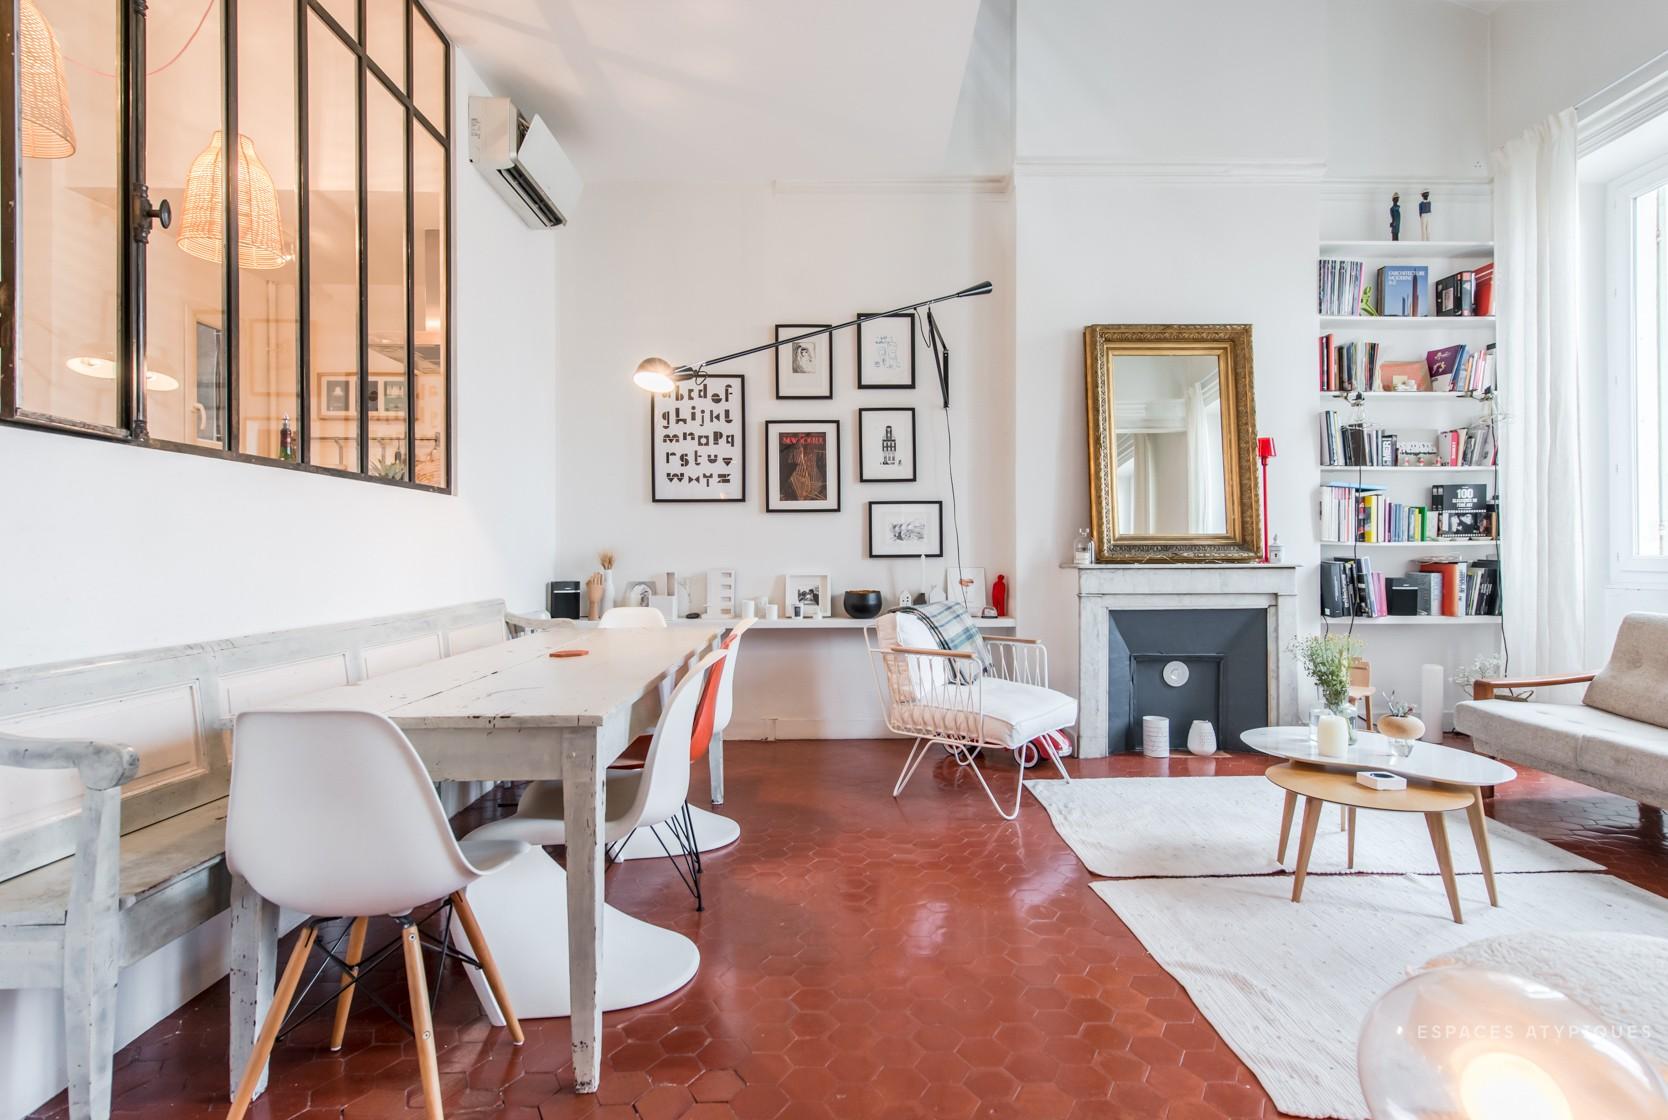 decoration duplex 2 une hirondelle dans les tiroirs. Black Bedroom Furniture Sets. Home Design Ideas